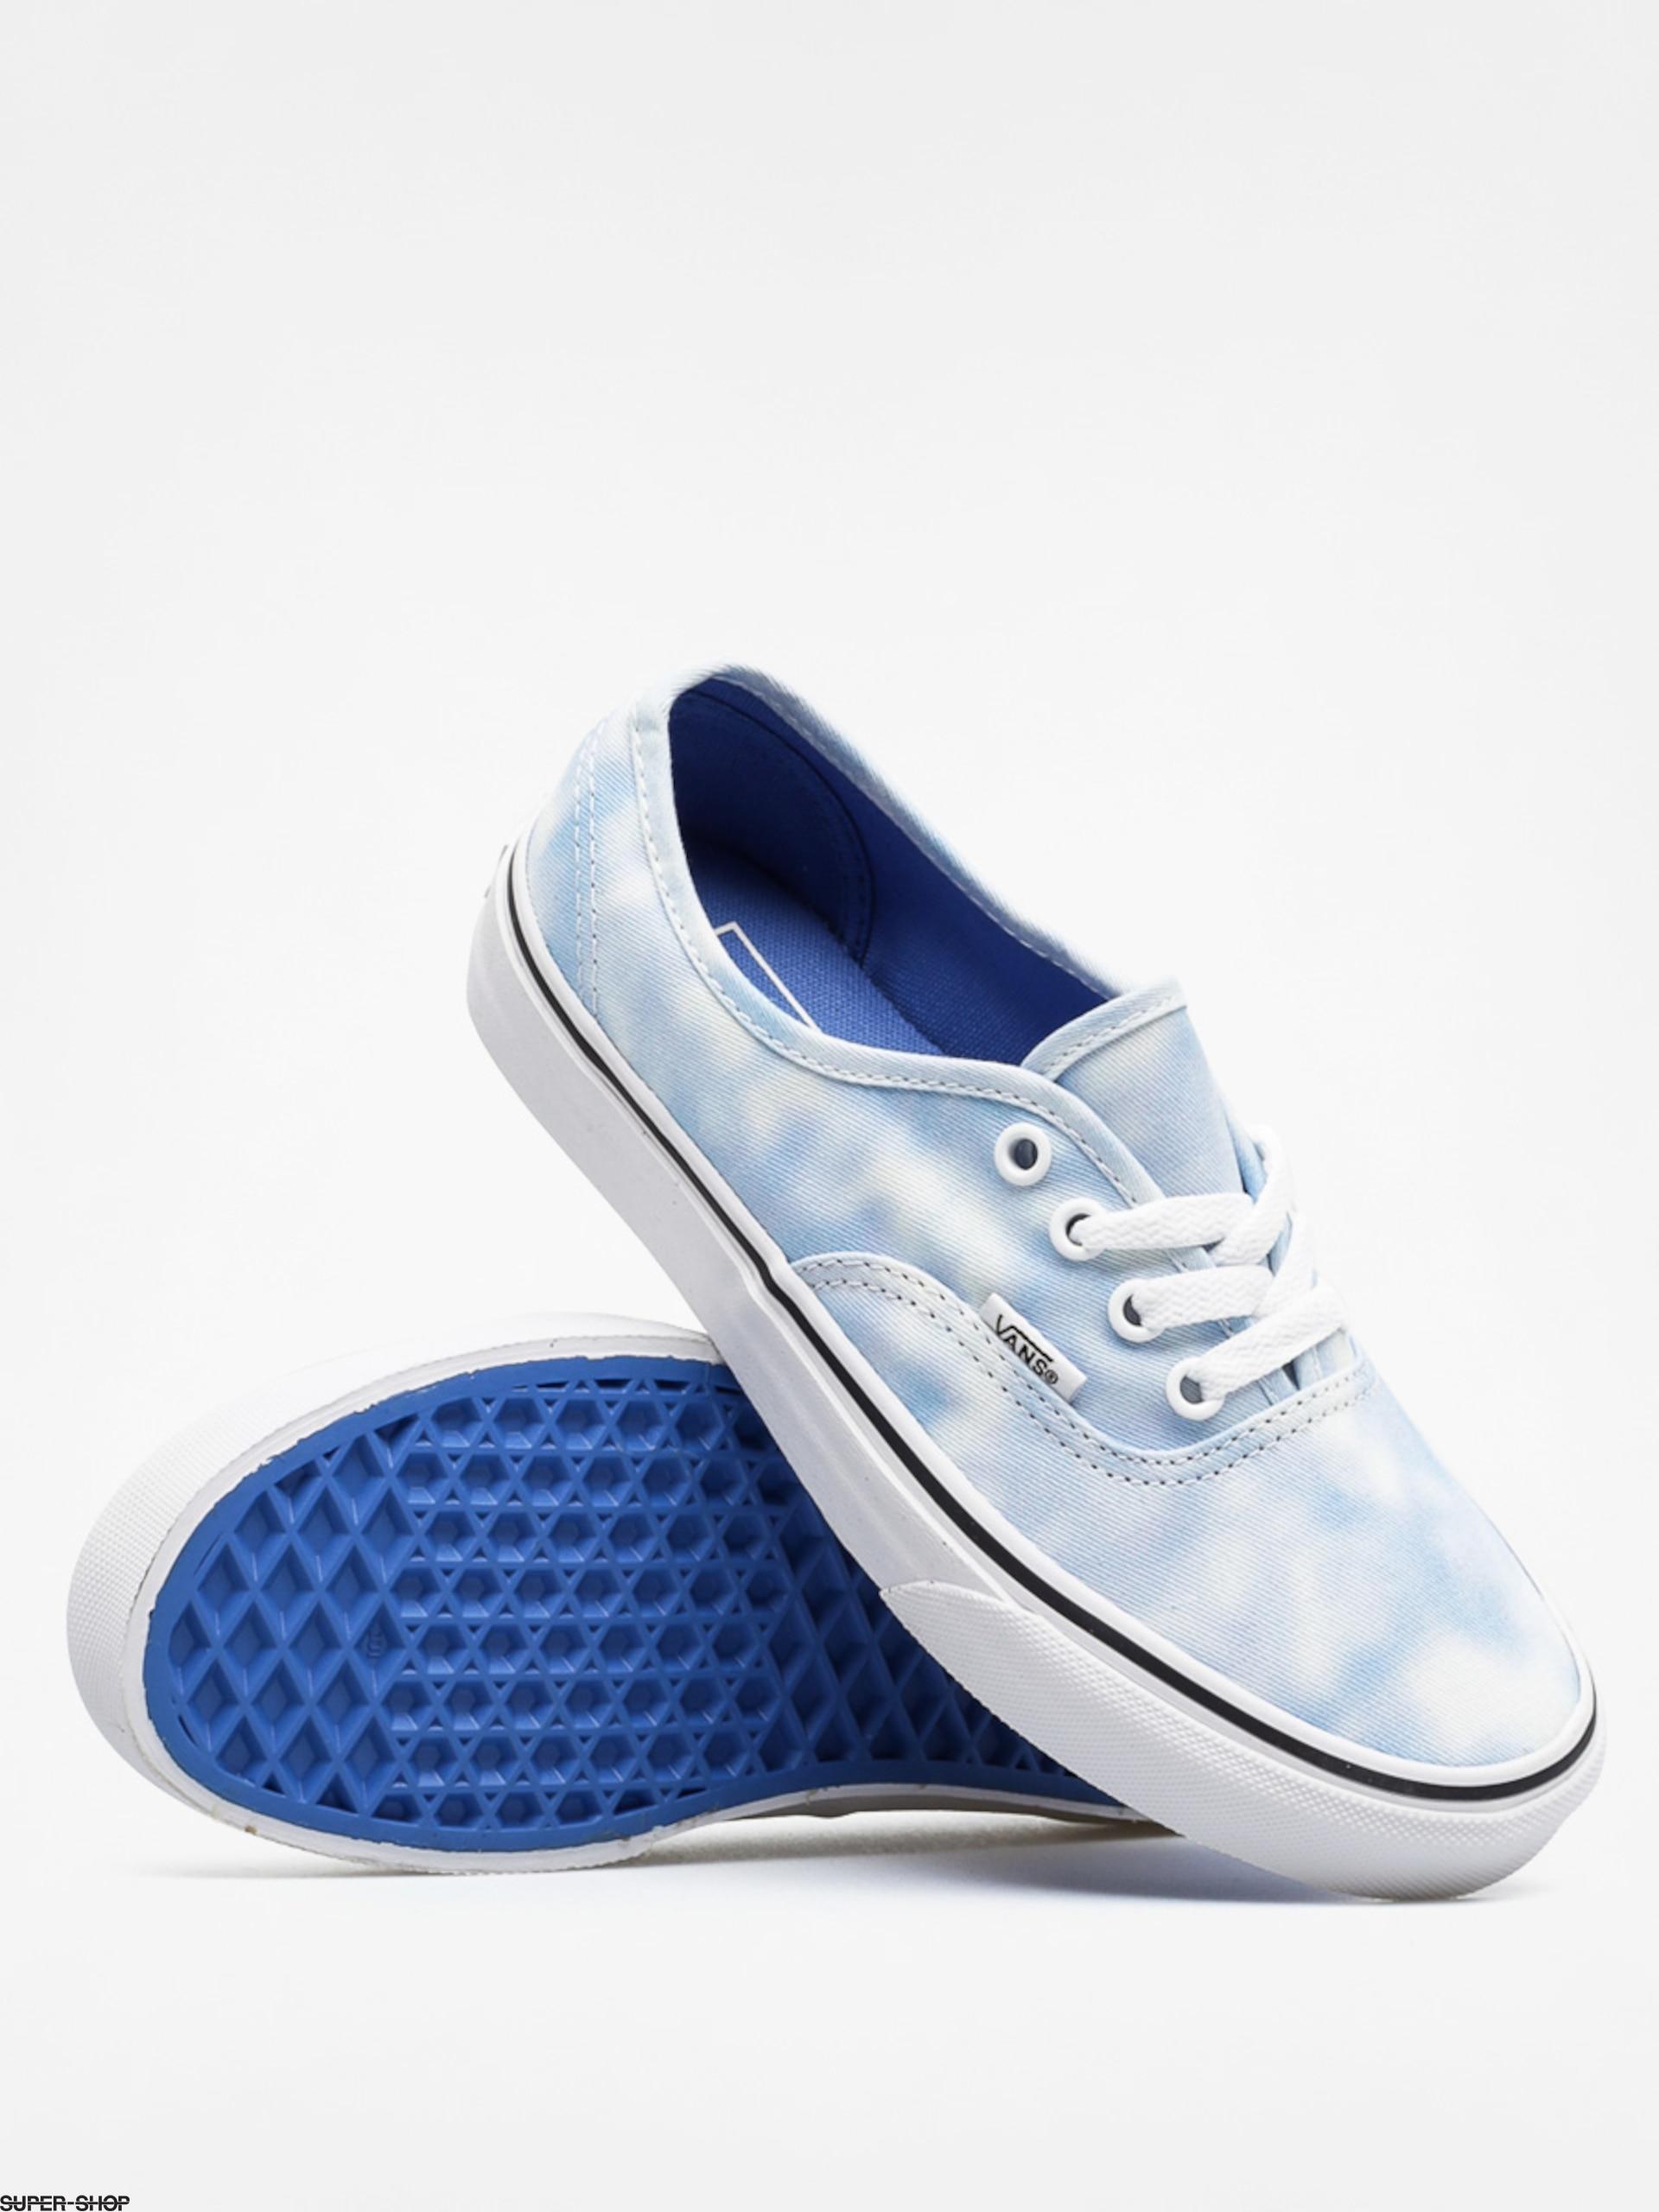 Details about  /Vans Women/'s Authentic Tie Dye Palace Blue Skate Shoes Size 7//7.5 NWB